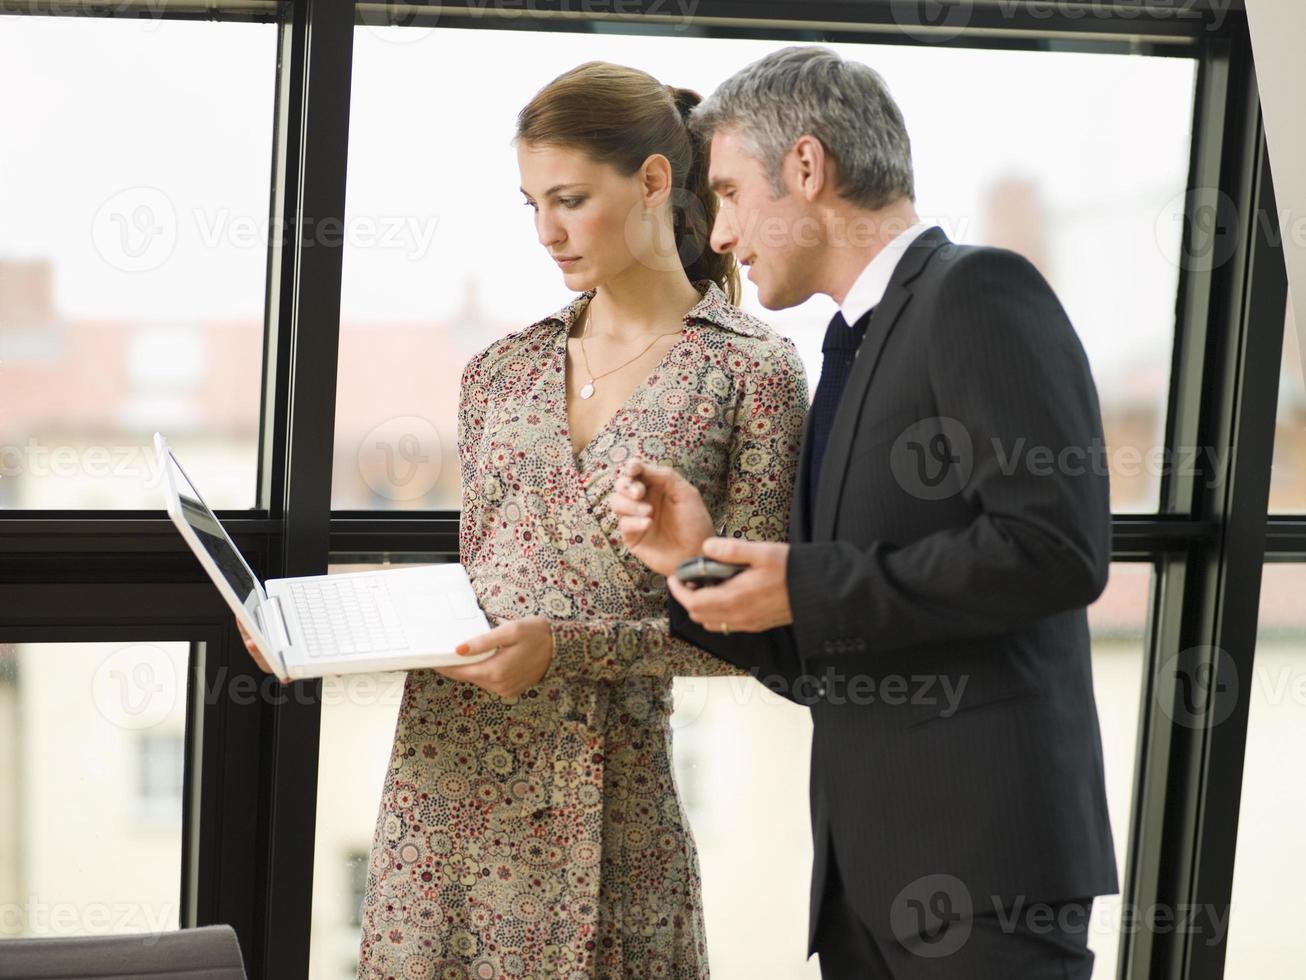 duas pessoas de negócios na sala de reuniões. foto